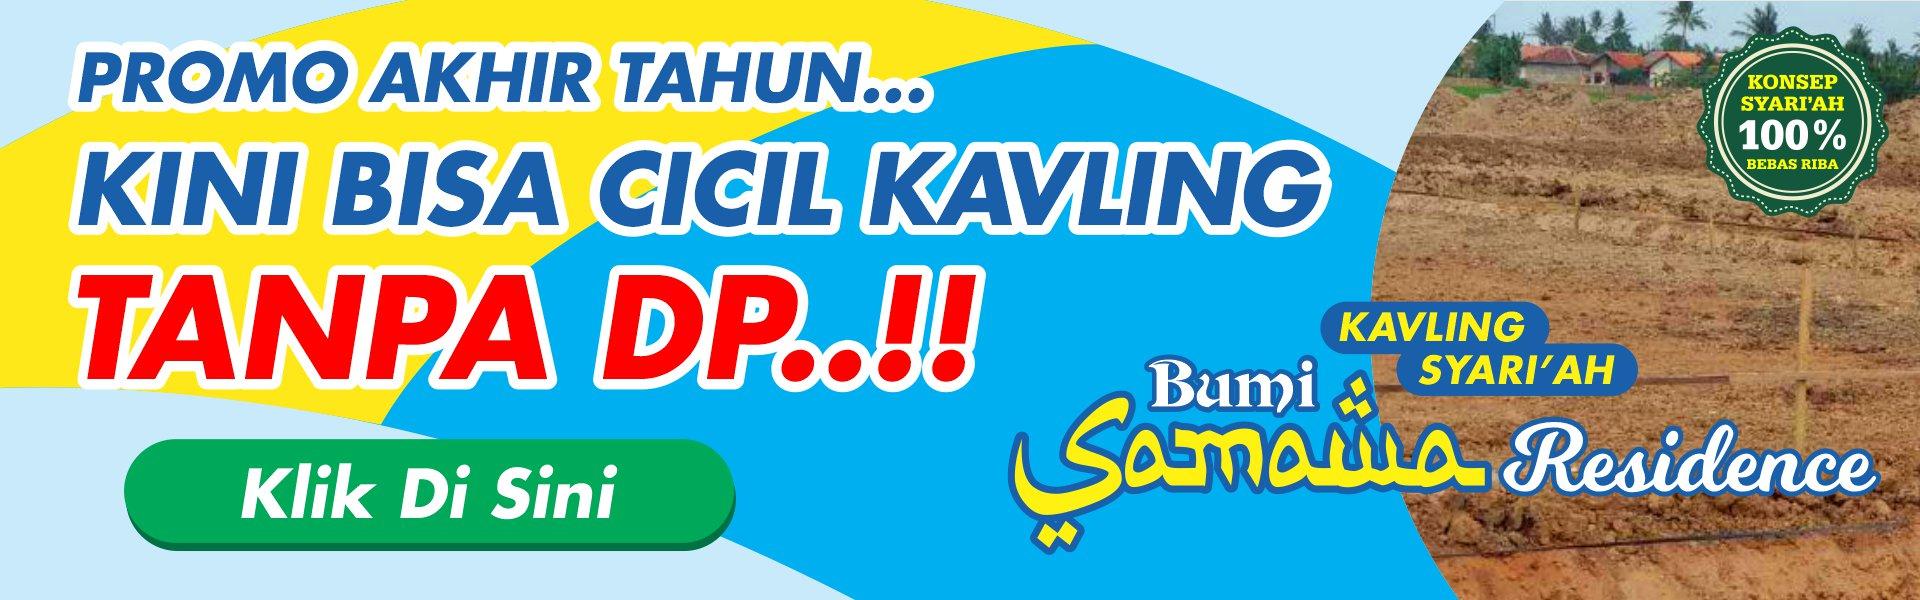 Promo kavling Tanpa DP